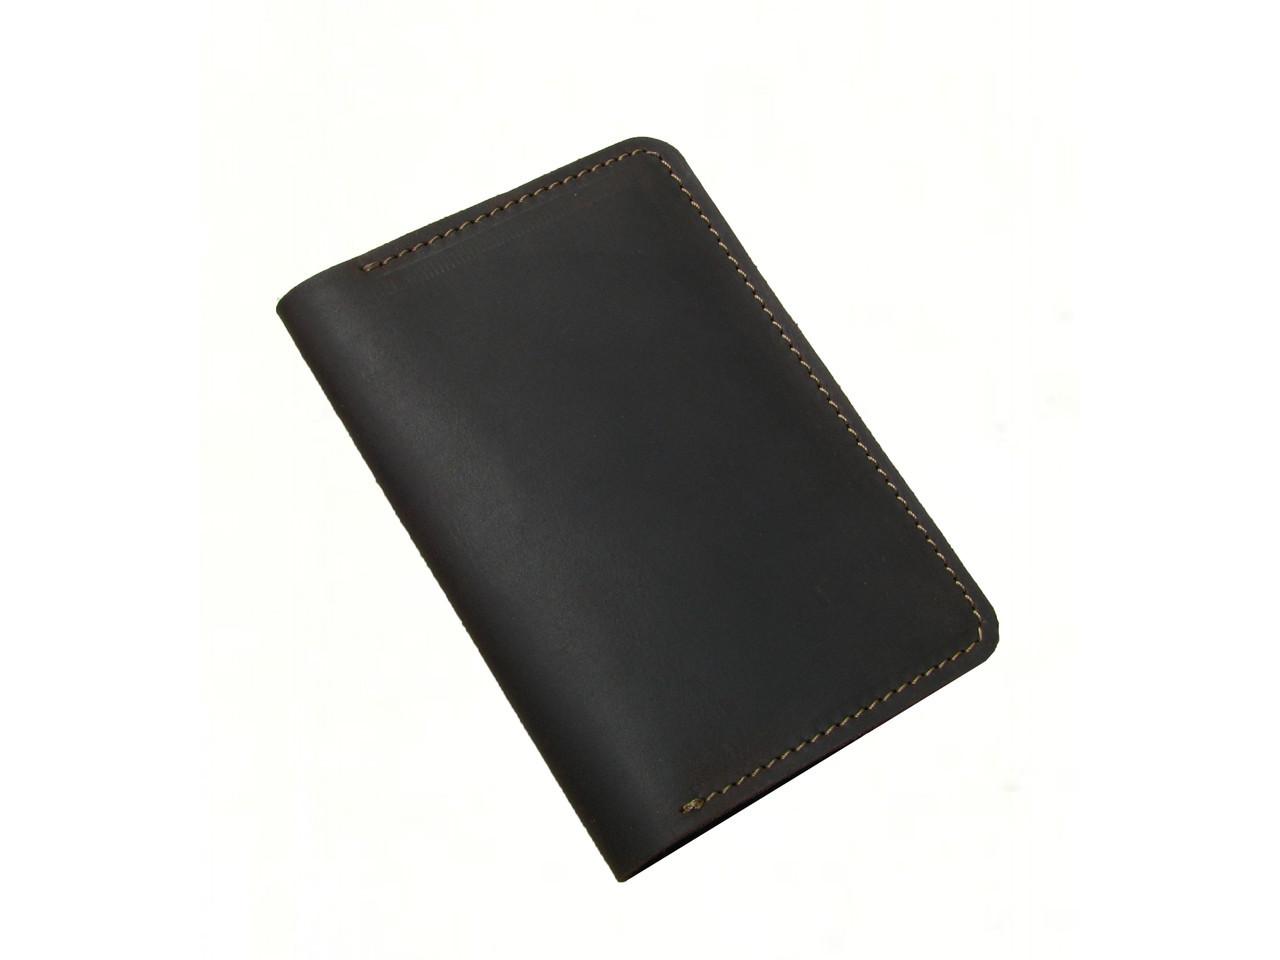 Обложка для паспорта GS кожаная коричневая